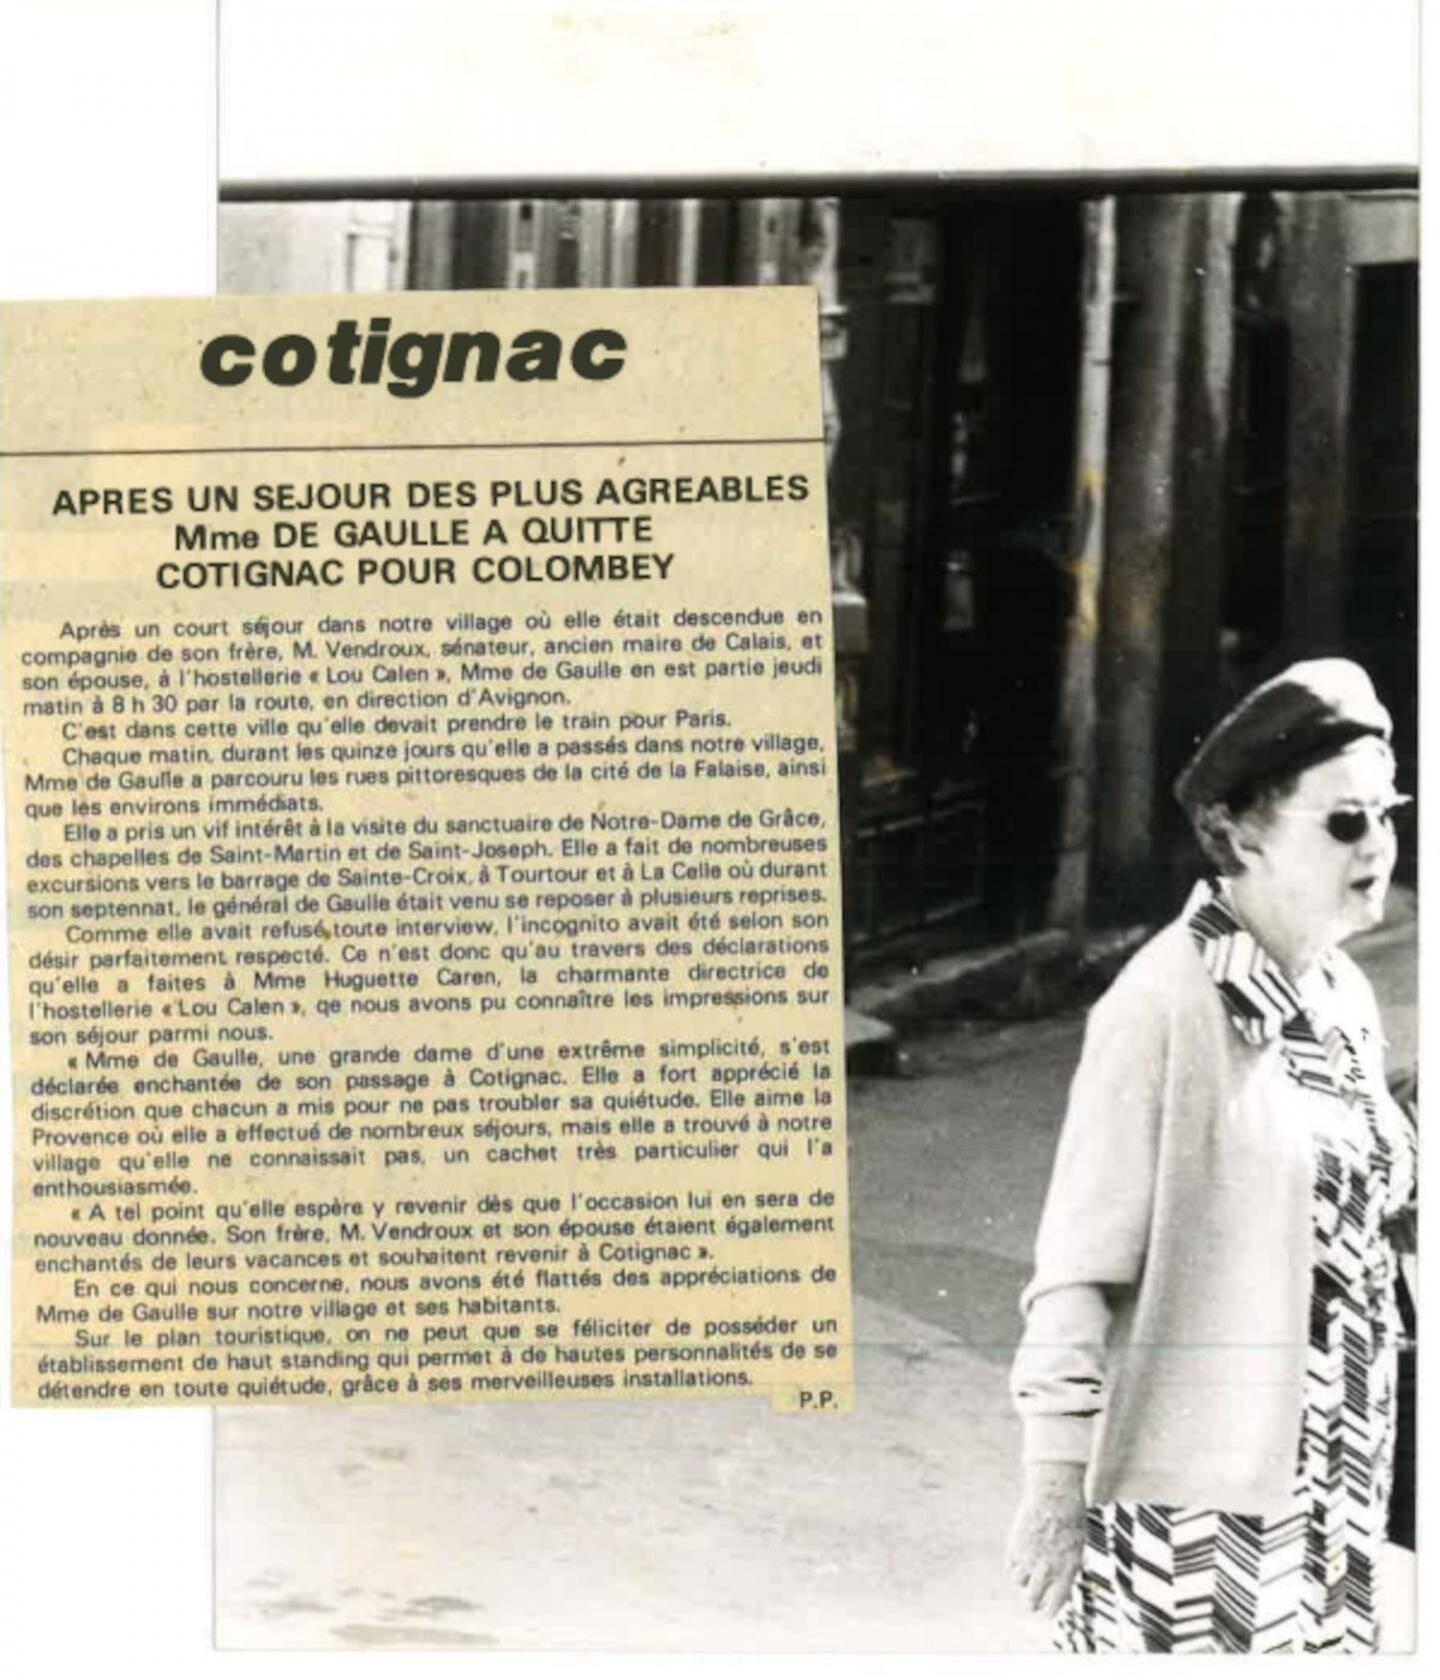 Quand Mme De Gaulle séjournait à Cotignac.